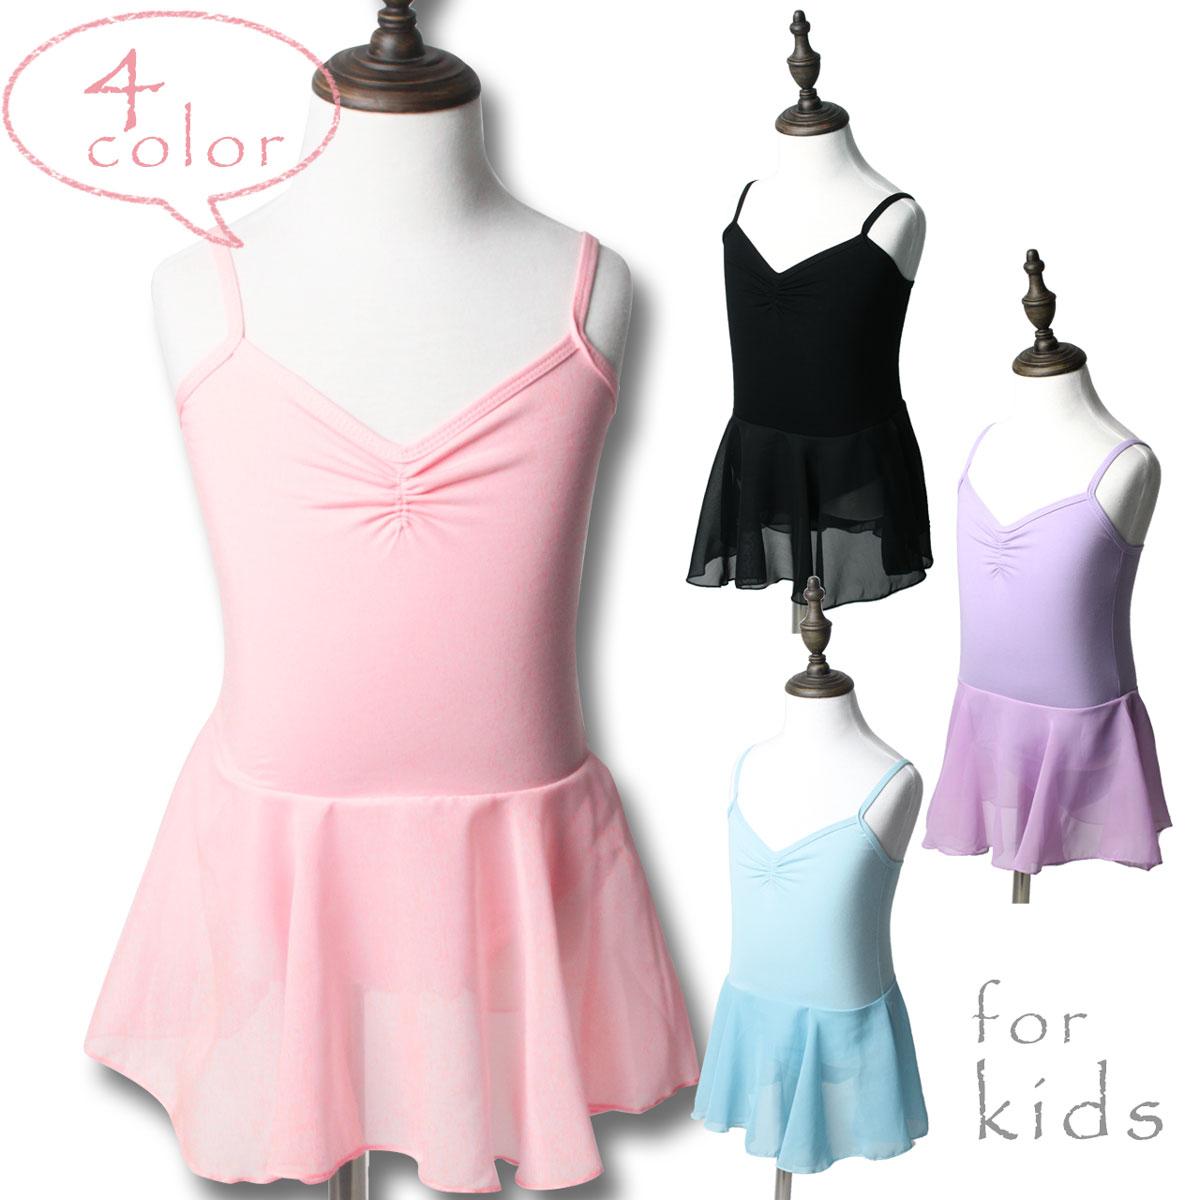 4カラー選べるバレエレオタード胸元シャーリング調節タイプ子供大人キッズジュニア大人バレエ用品レッスン